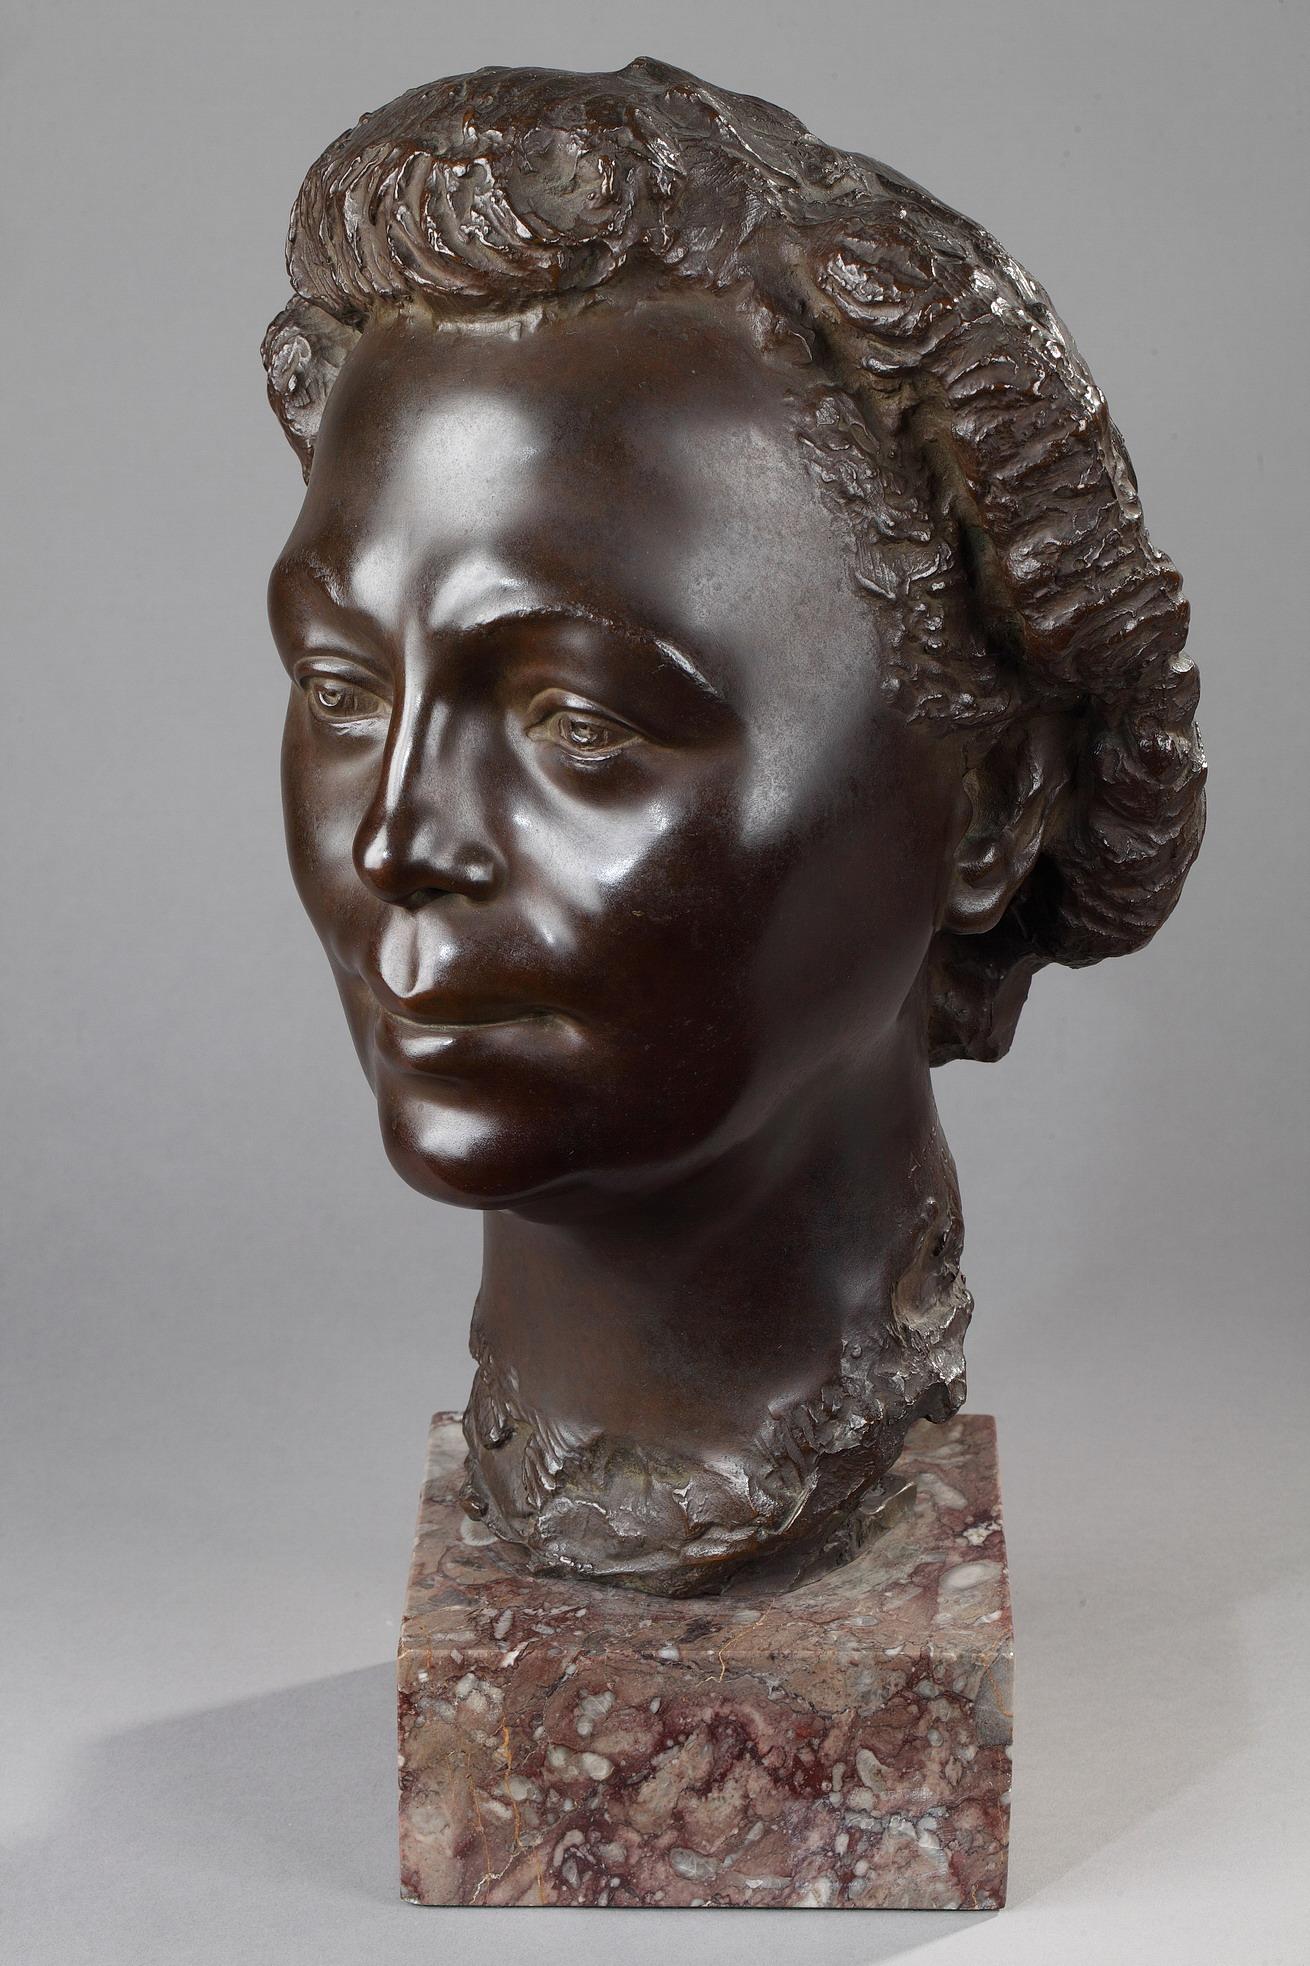 Arno Breker (1900-1991), Portrait de Femme, bronze à patine marron nuancé, fonte Bischoff, Haut. totale 45 cm, sculptures - galerie Tourbillon, Paris